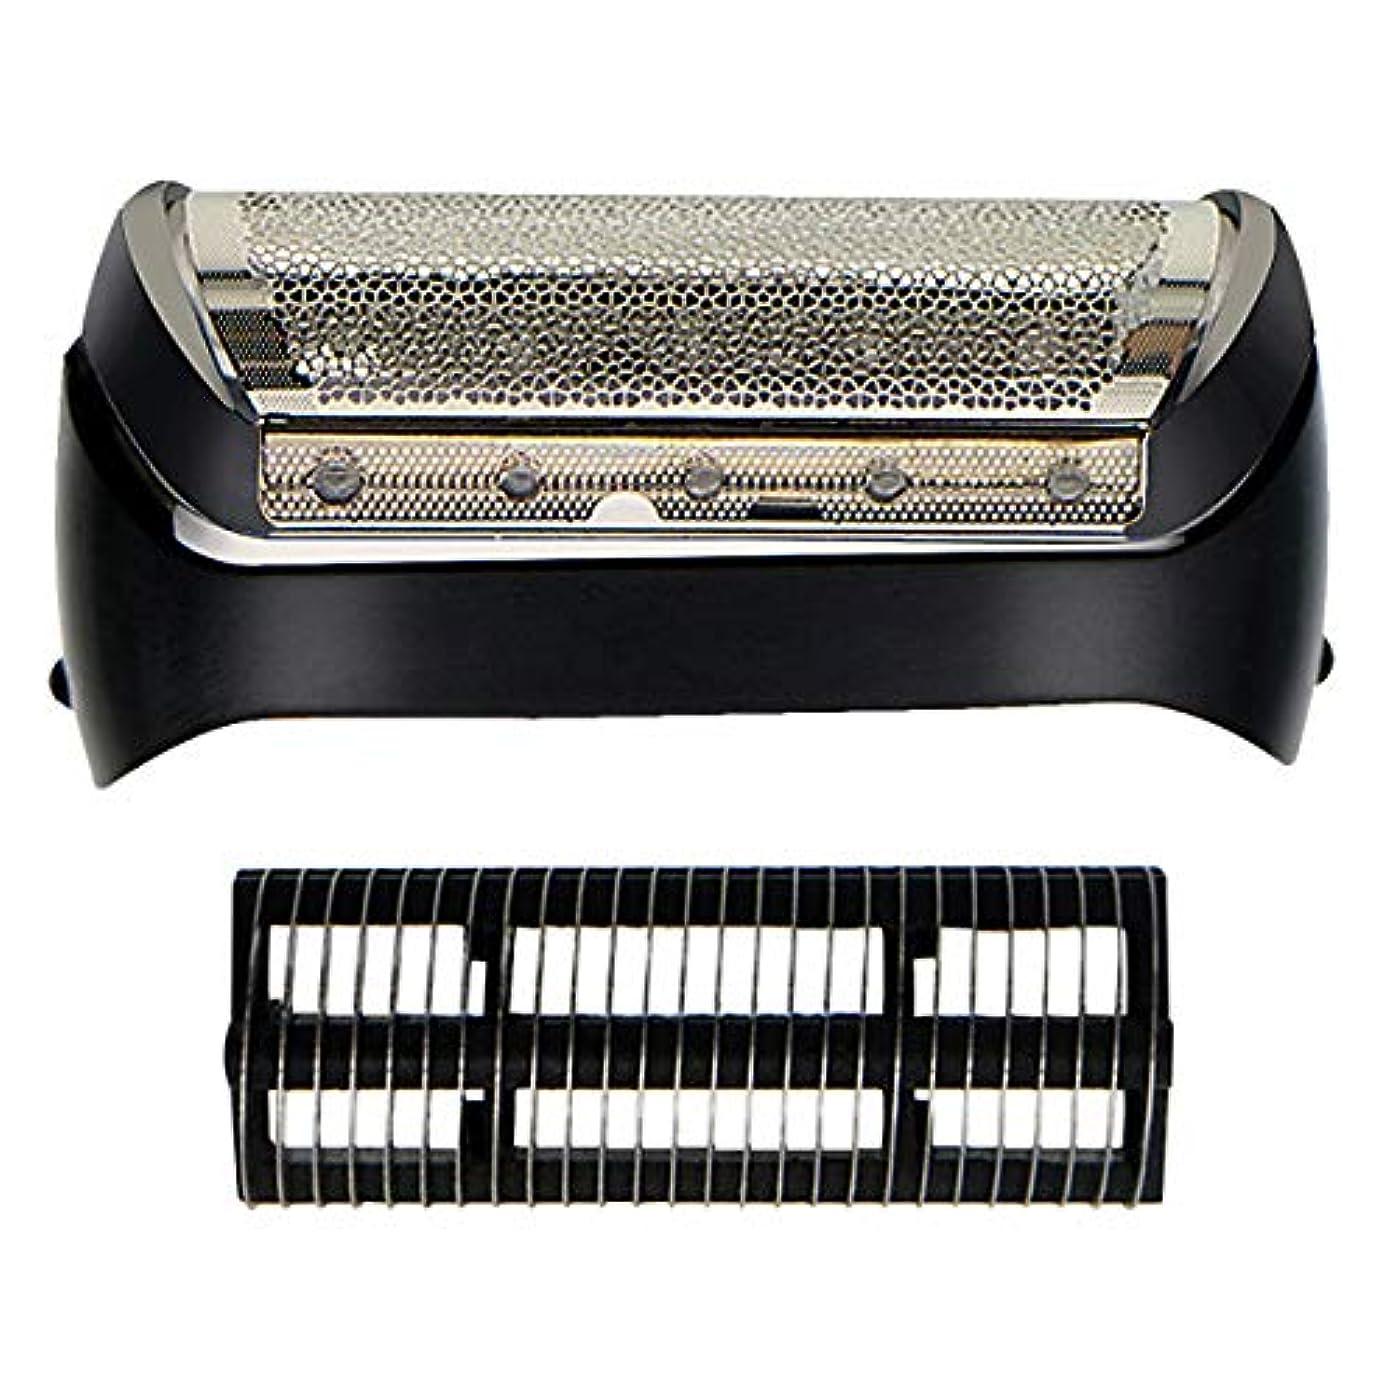 ベックススケジュール流産VINFANY 交換箔剃刀 for Braun10B 1000シリーズ170 180 190 1715 1735 1775 Z20 Z30 Z40 Z50 2776